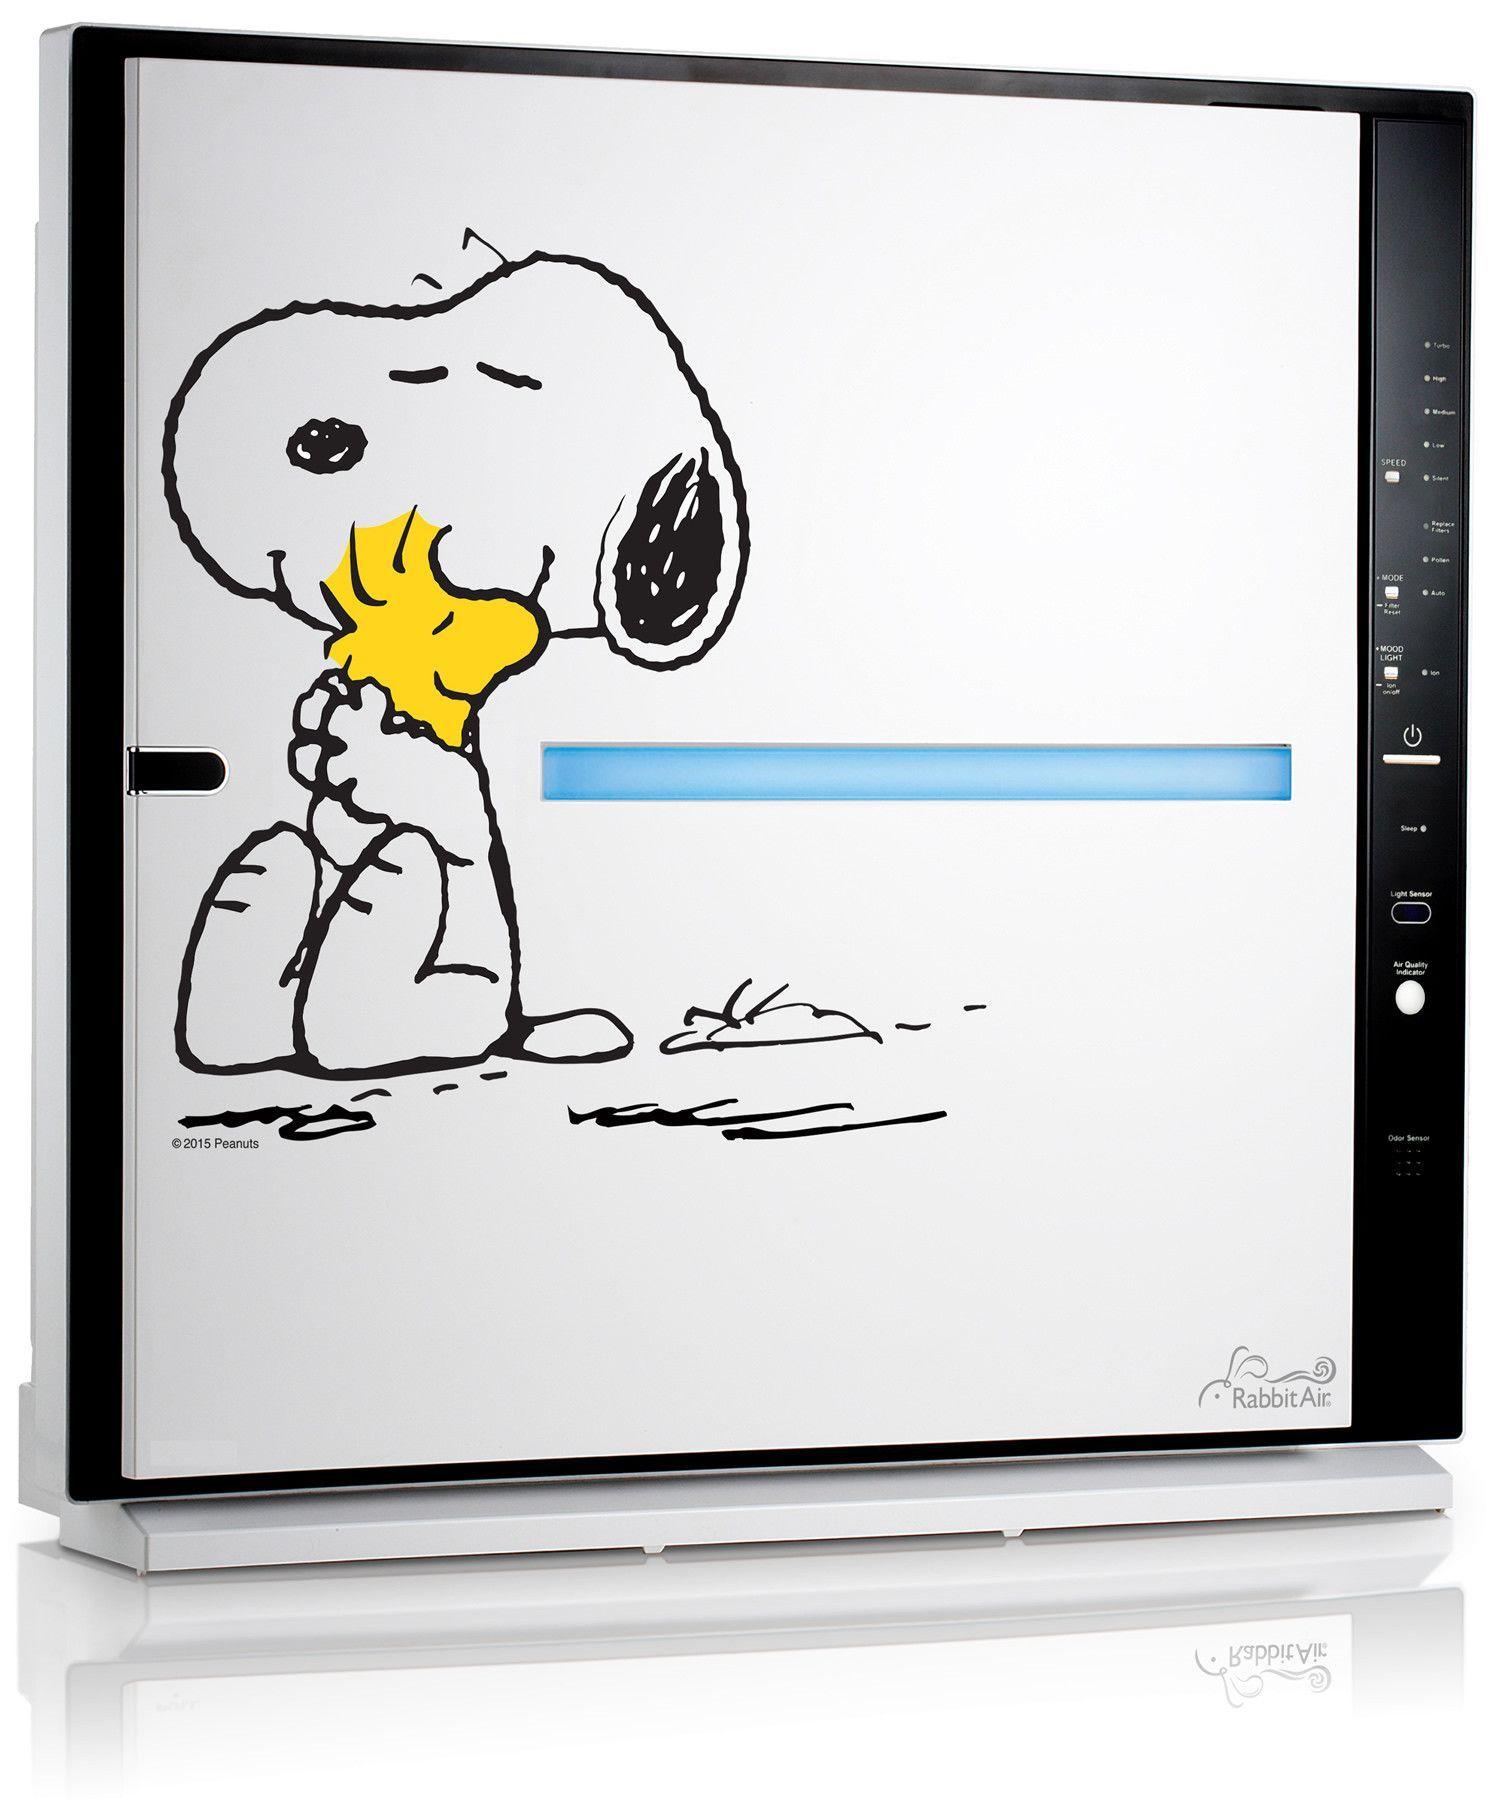 MinusA2 Peanuts Edition Air Purifier (Hug) Rabbit air